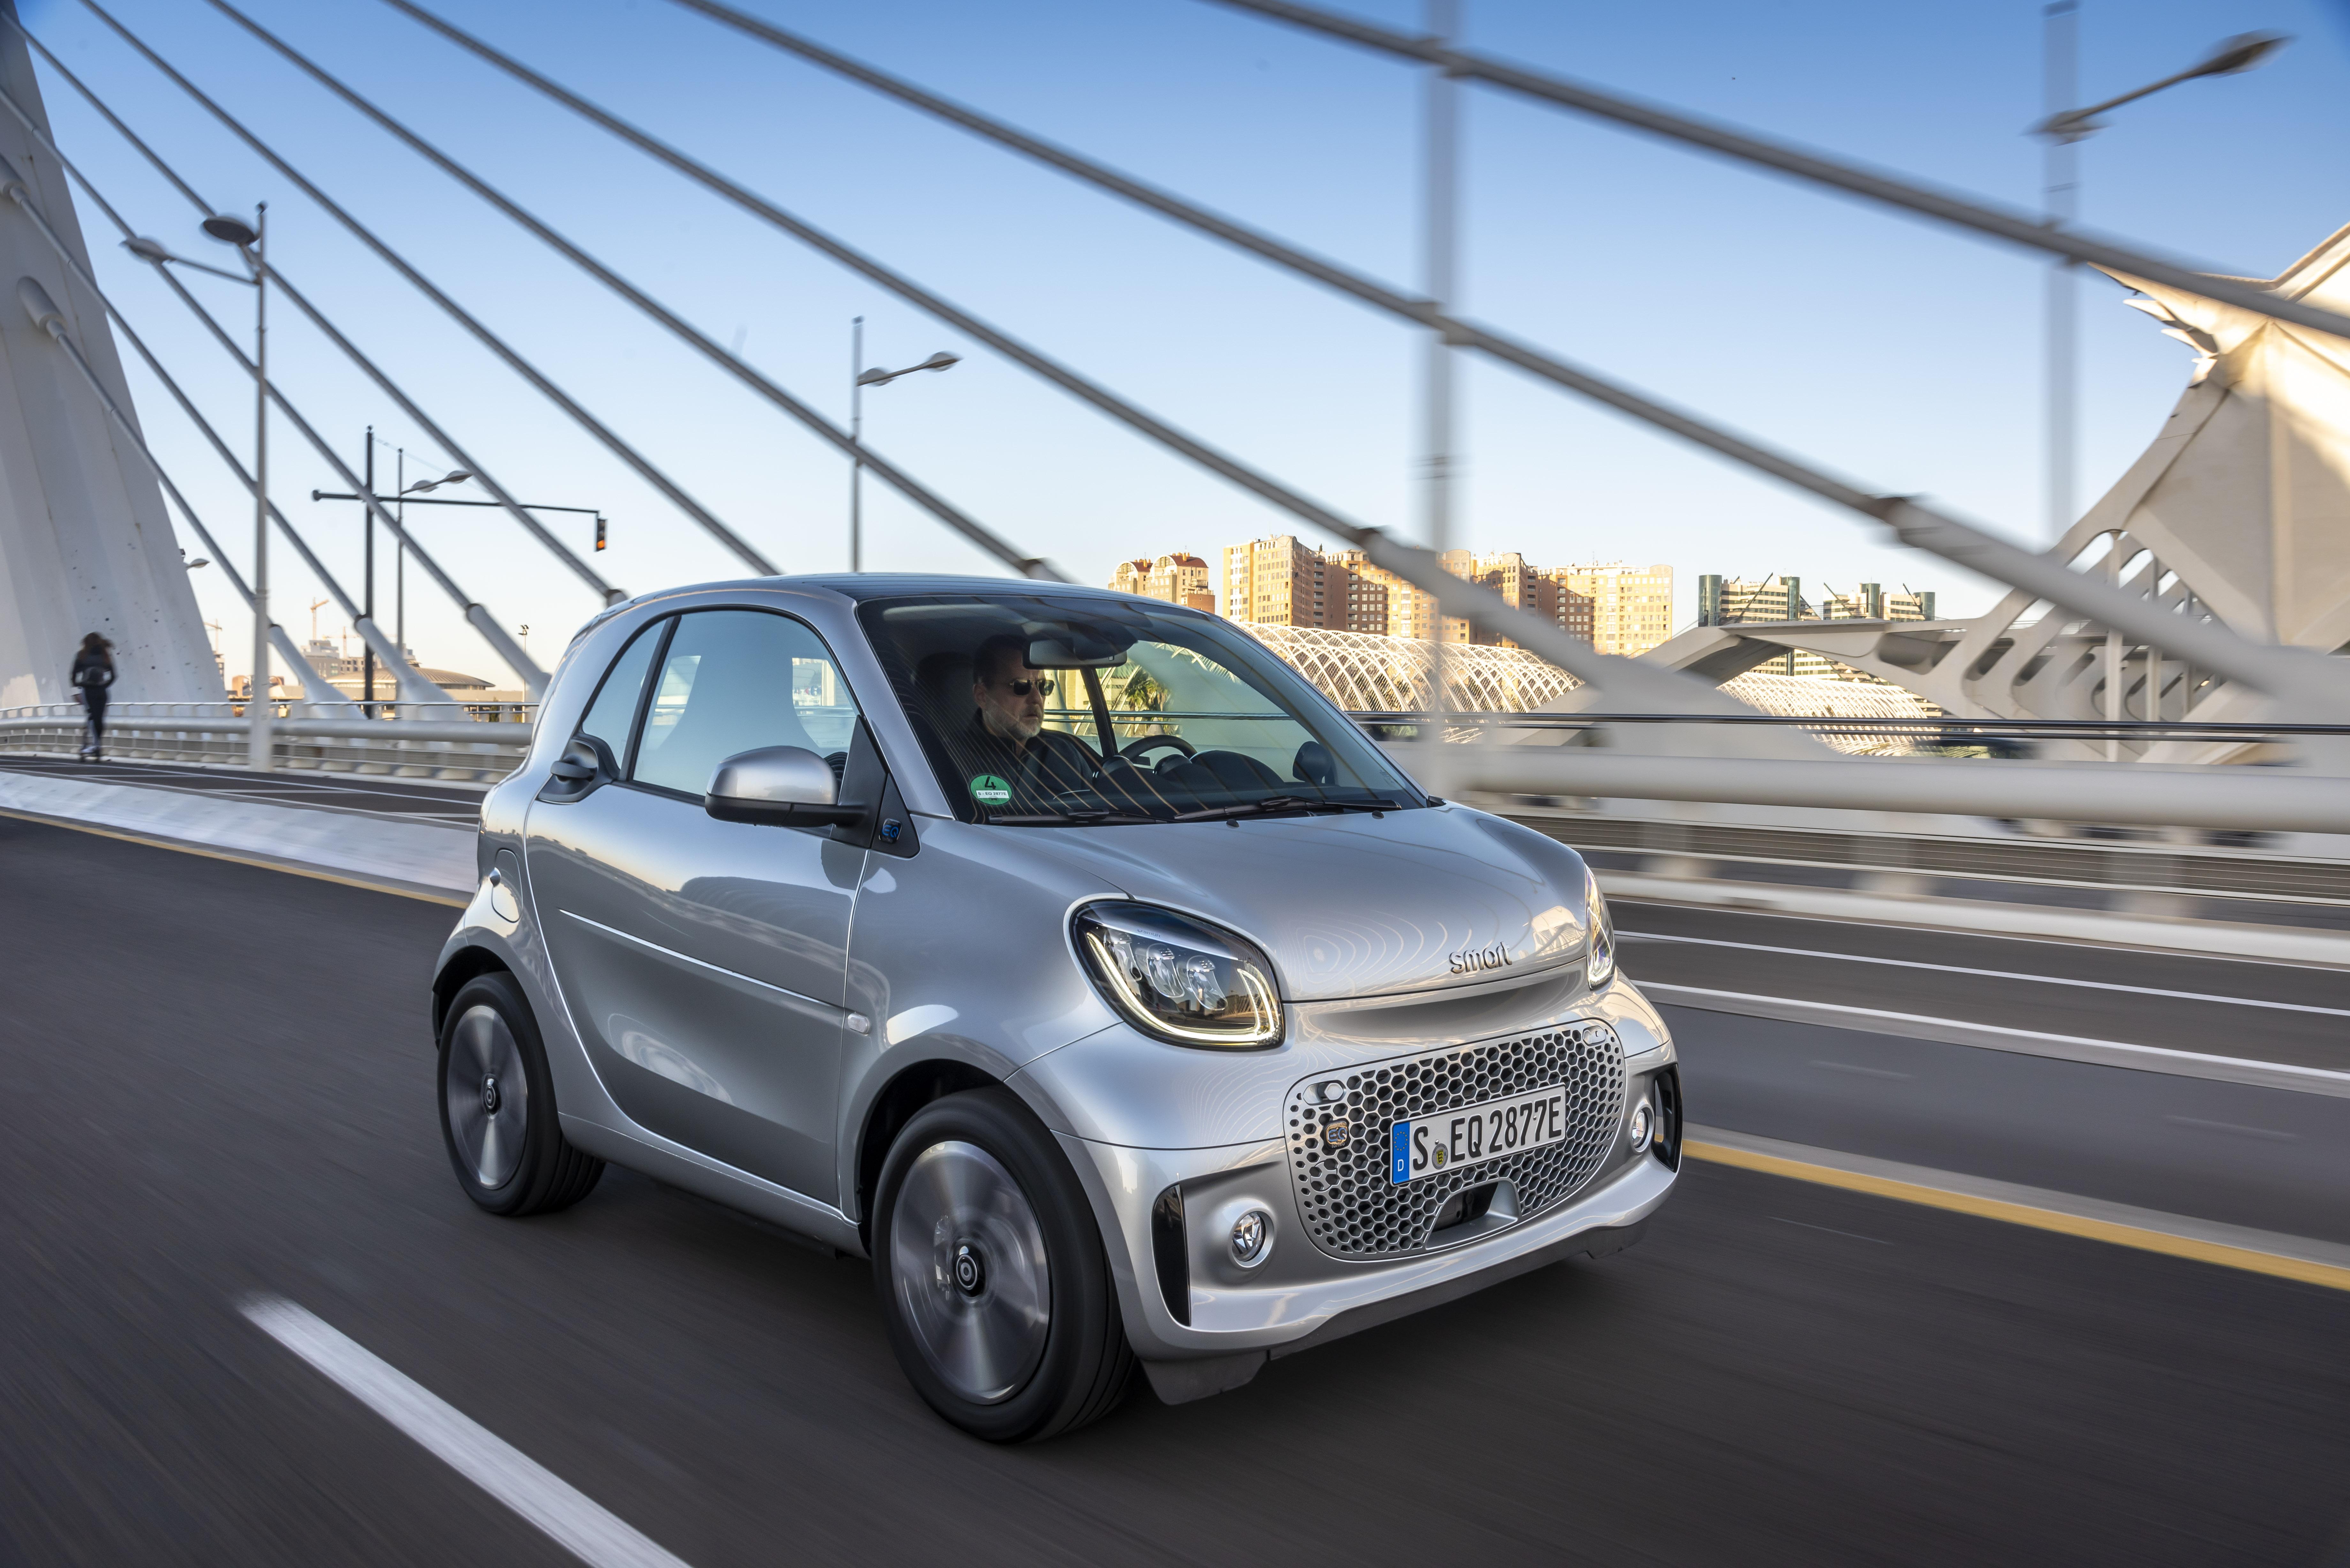 Betaalbare goedkope elektrische auto